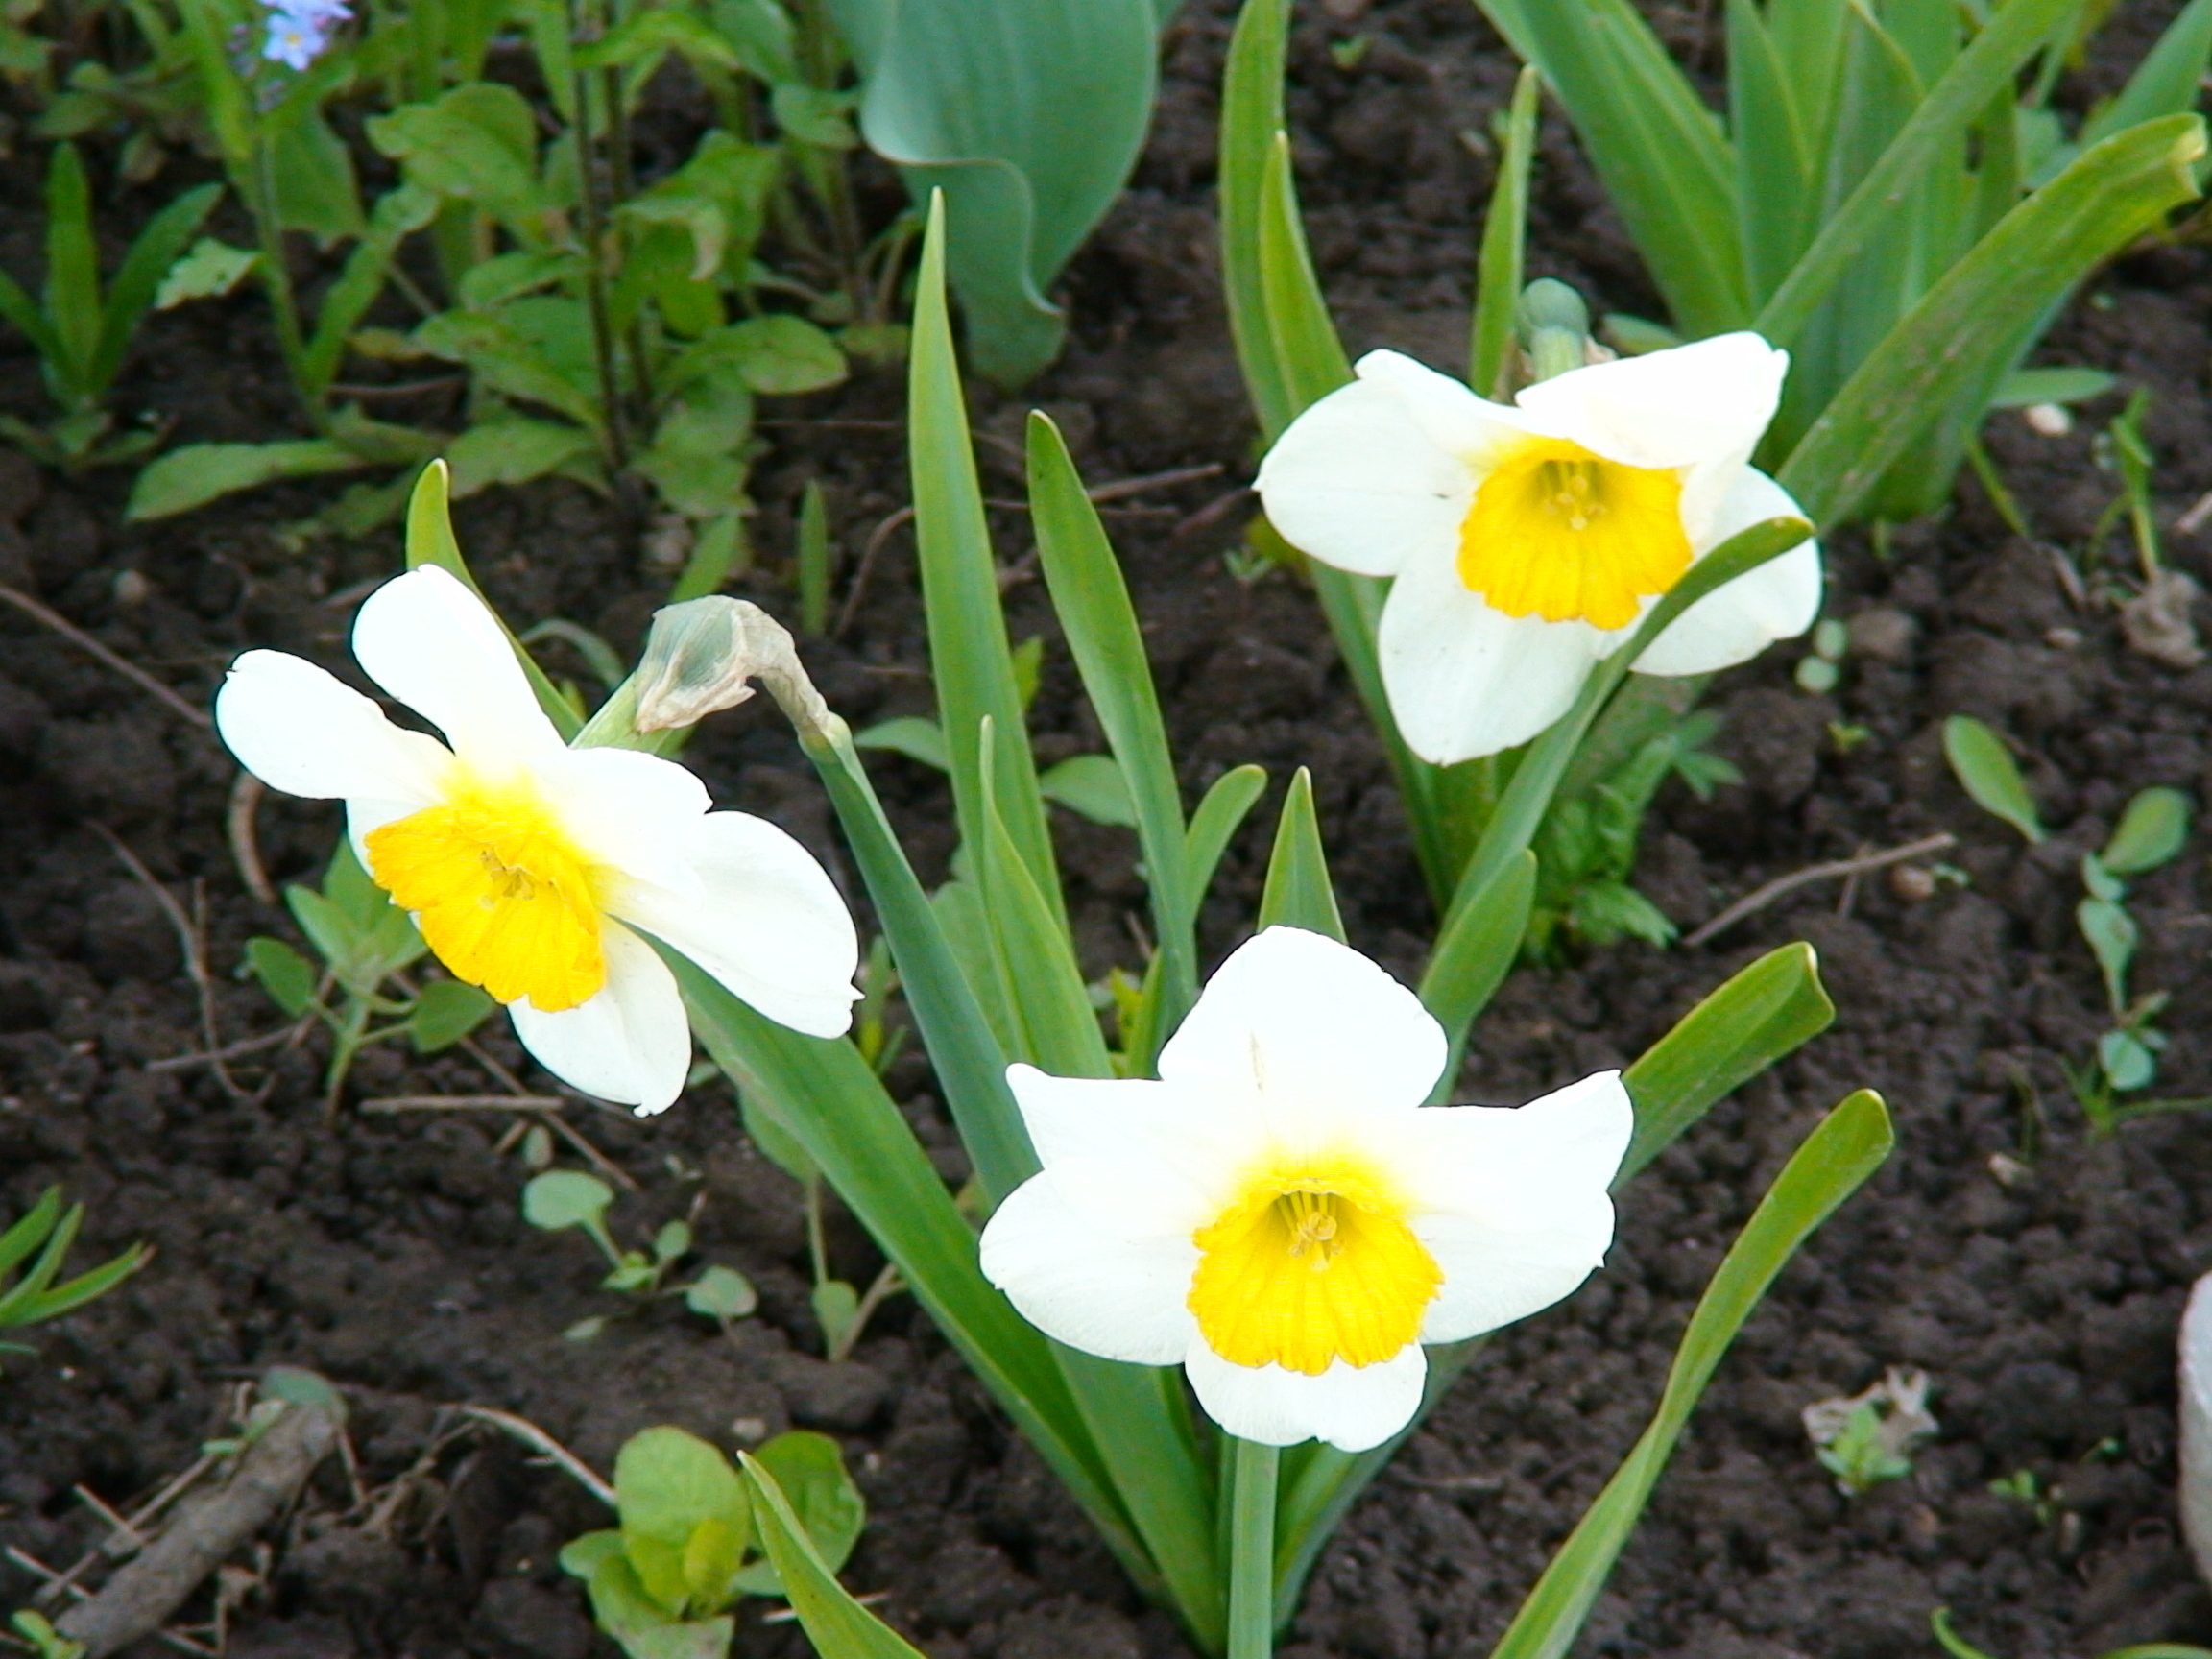 Когда сажать нарциссы: весной или осенью Выбираем месяц высадки луковиц нарциссов